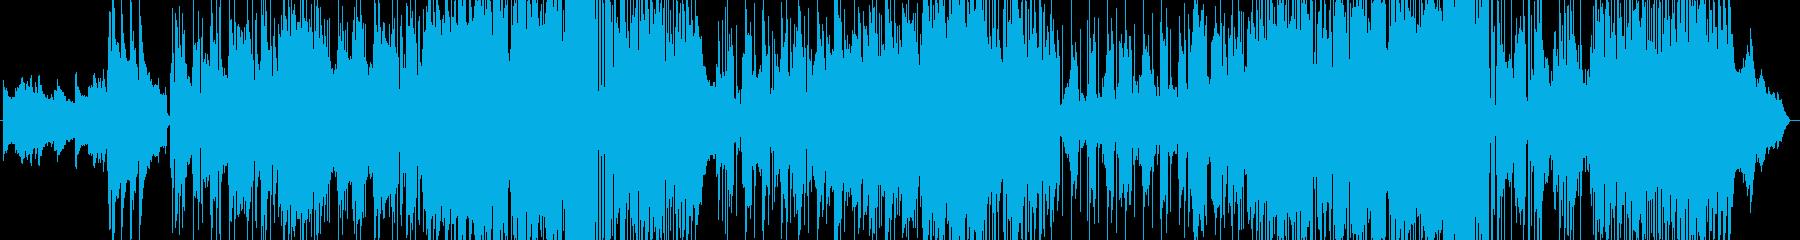 ギターとサックスの三拍子バラードの再生済みの波形